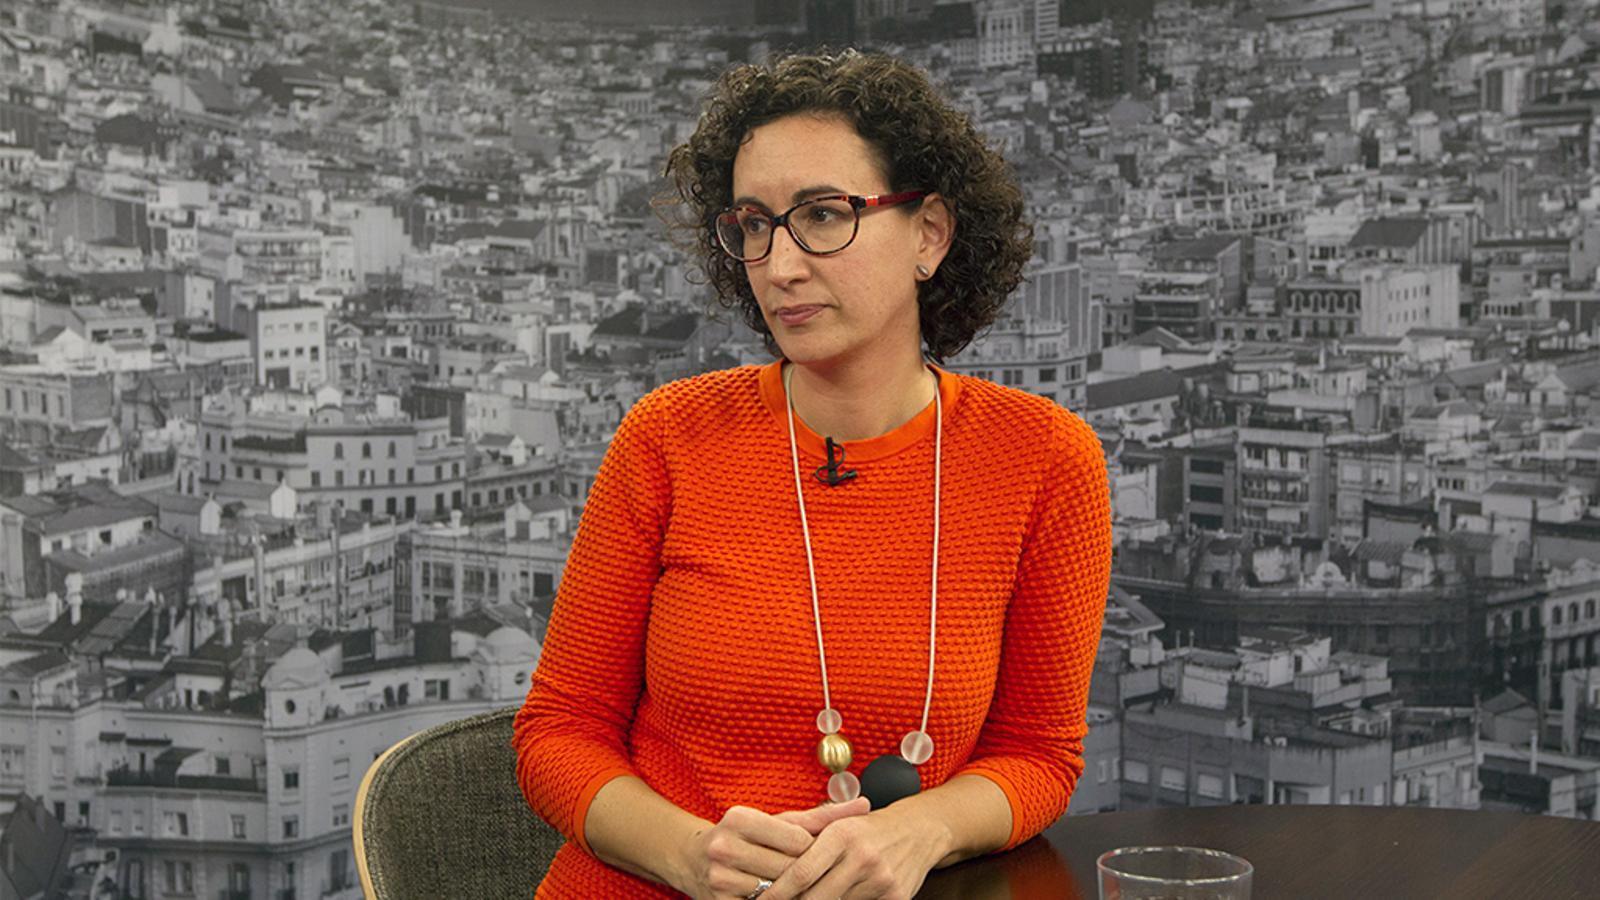 Entrevista de David Miró a Marta Rovira